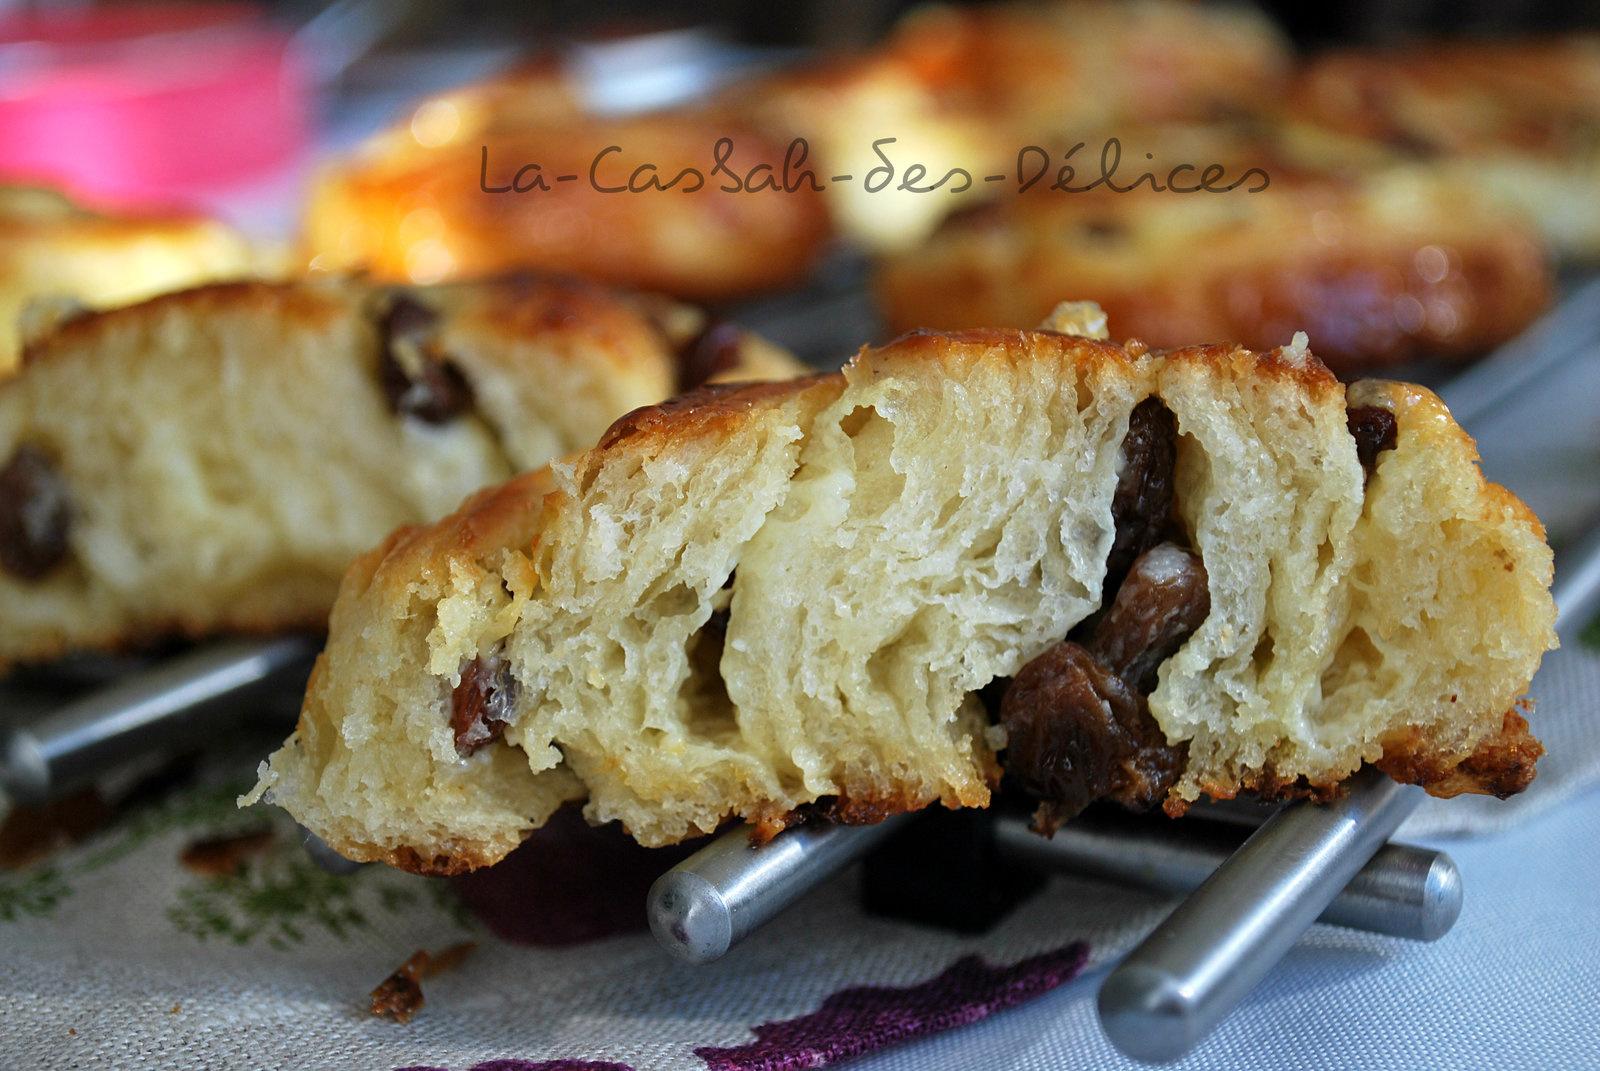 Pains aux raisins (CAP pâtisserie)